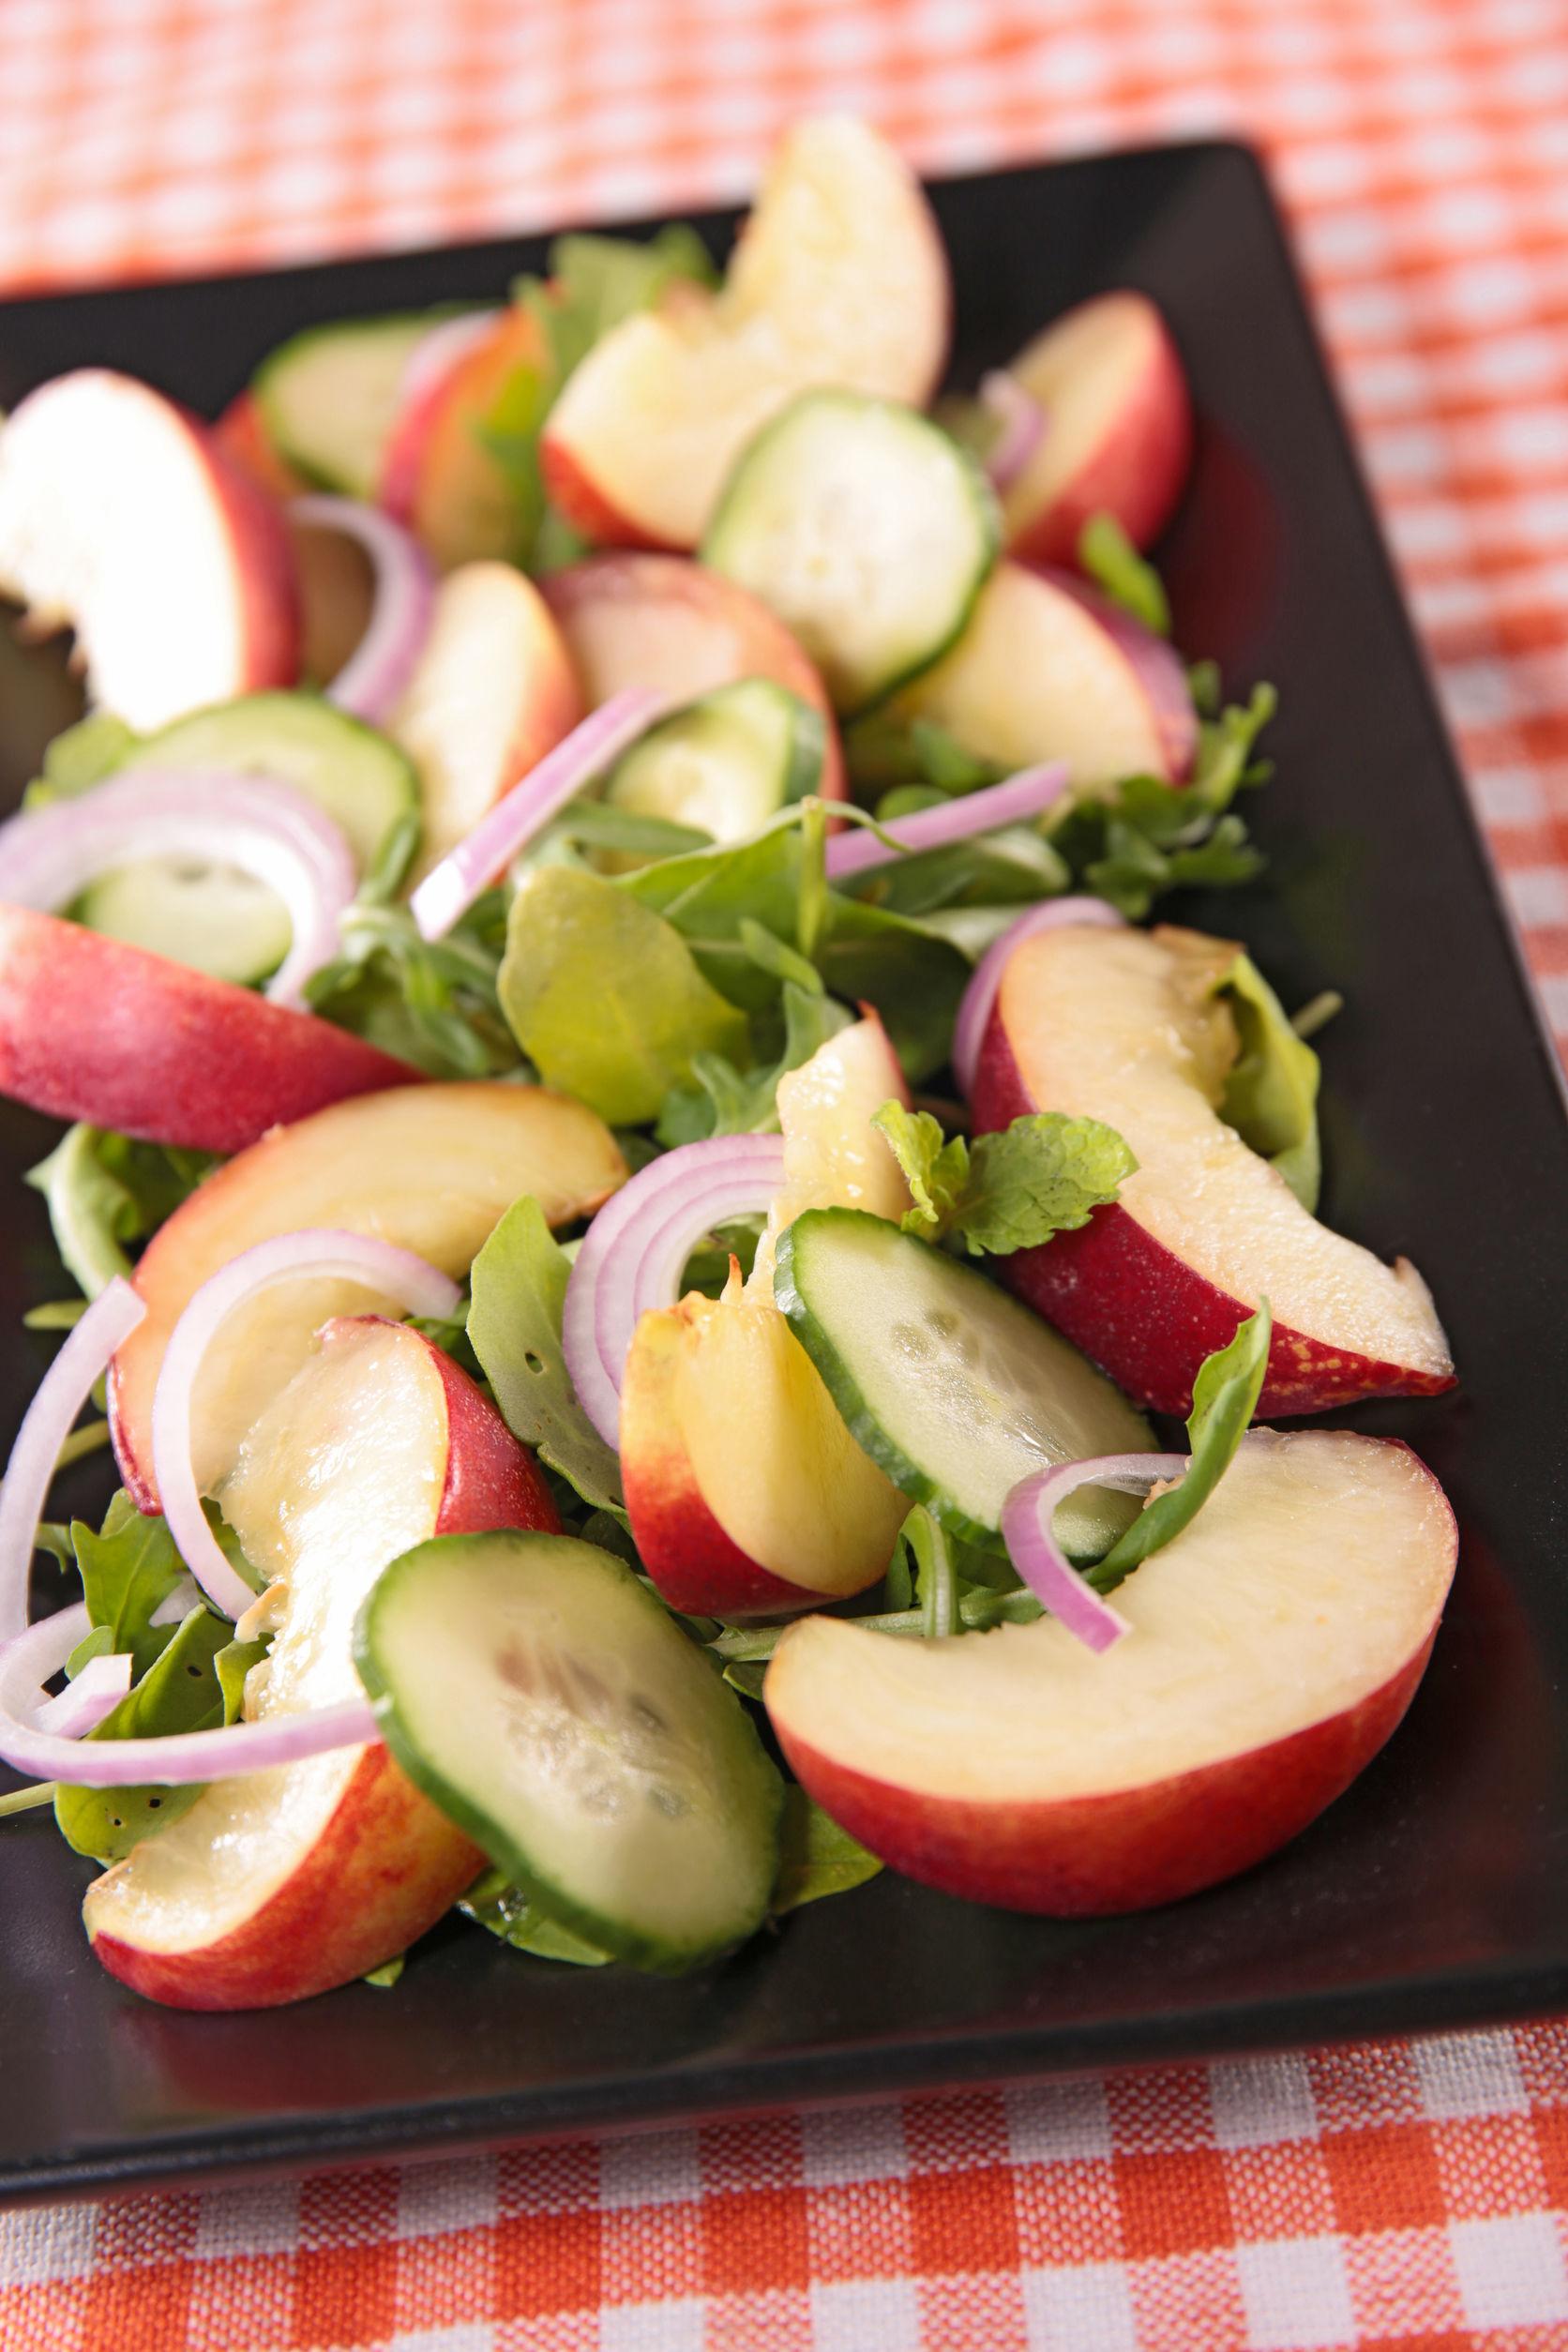 Fructul longevităţii e în sezon. Salată de piersici şi castraveţi, cu mentă şi busuioc